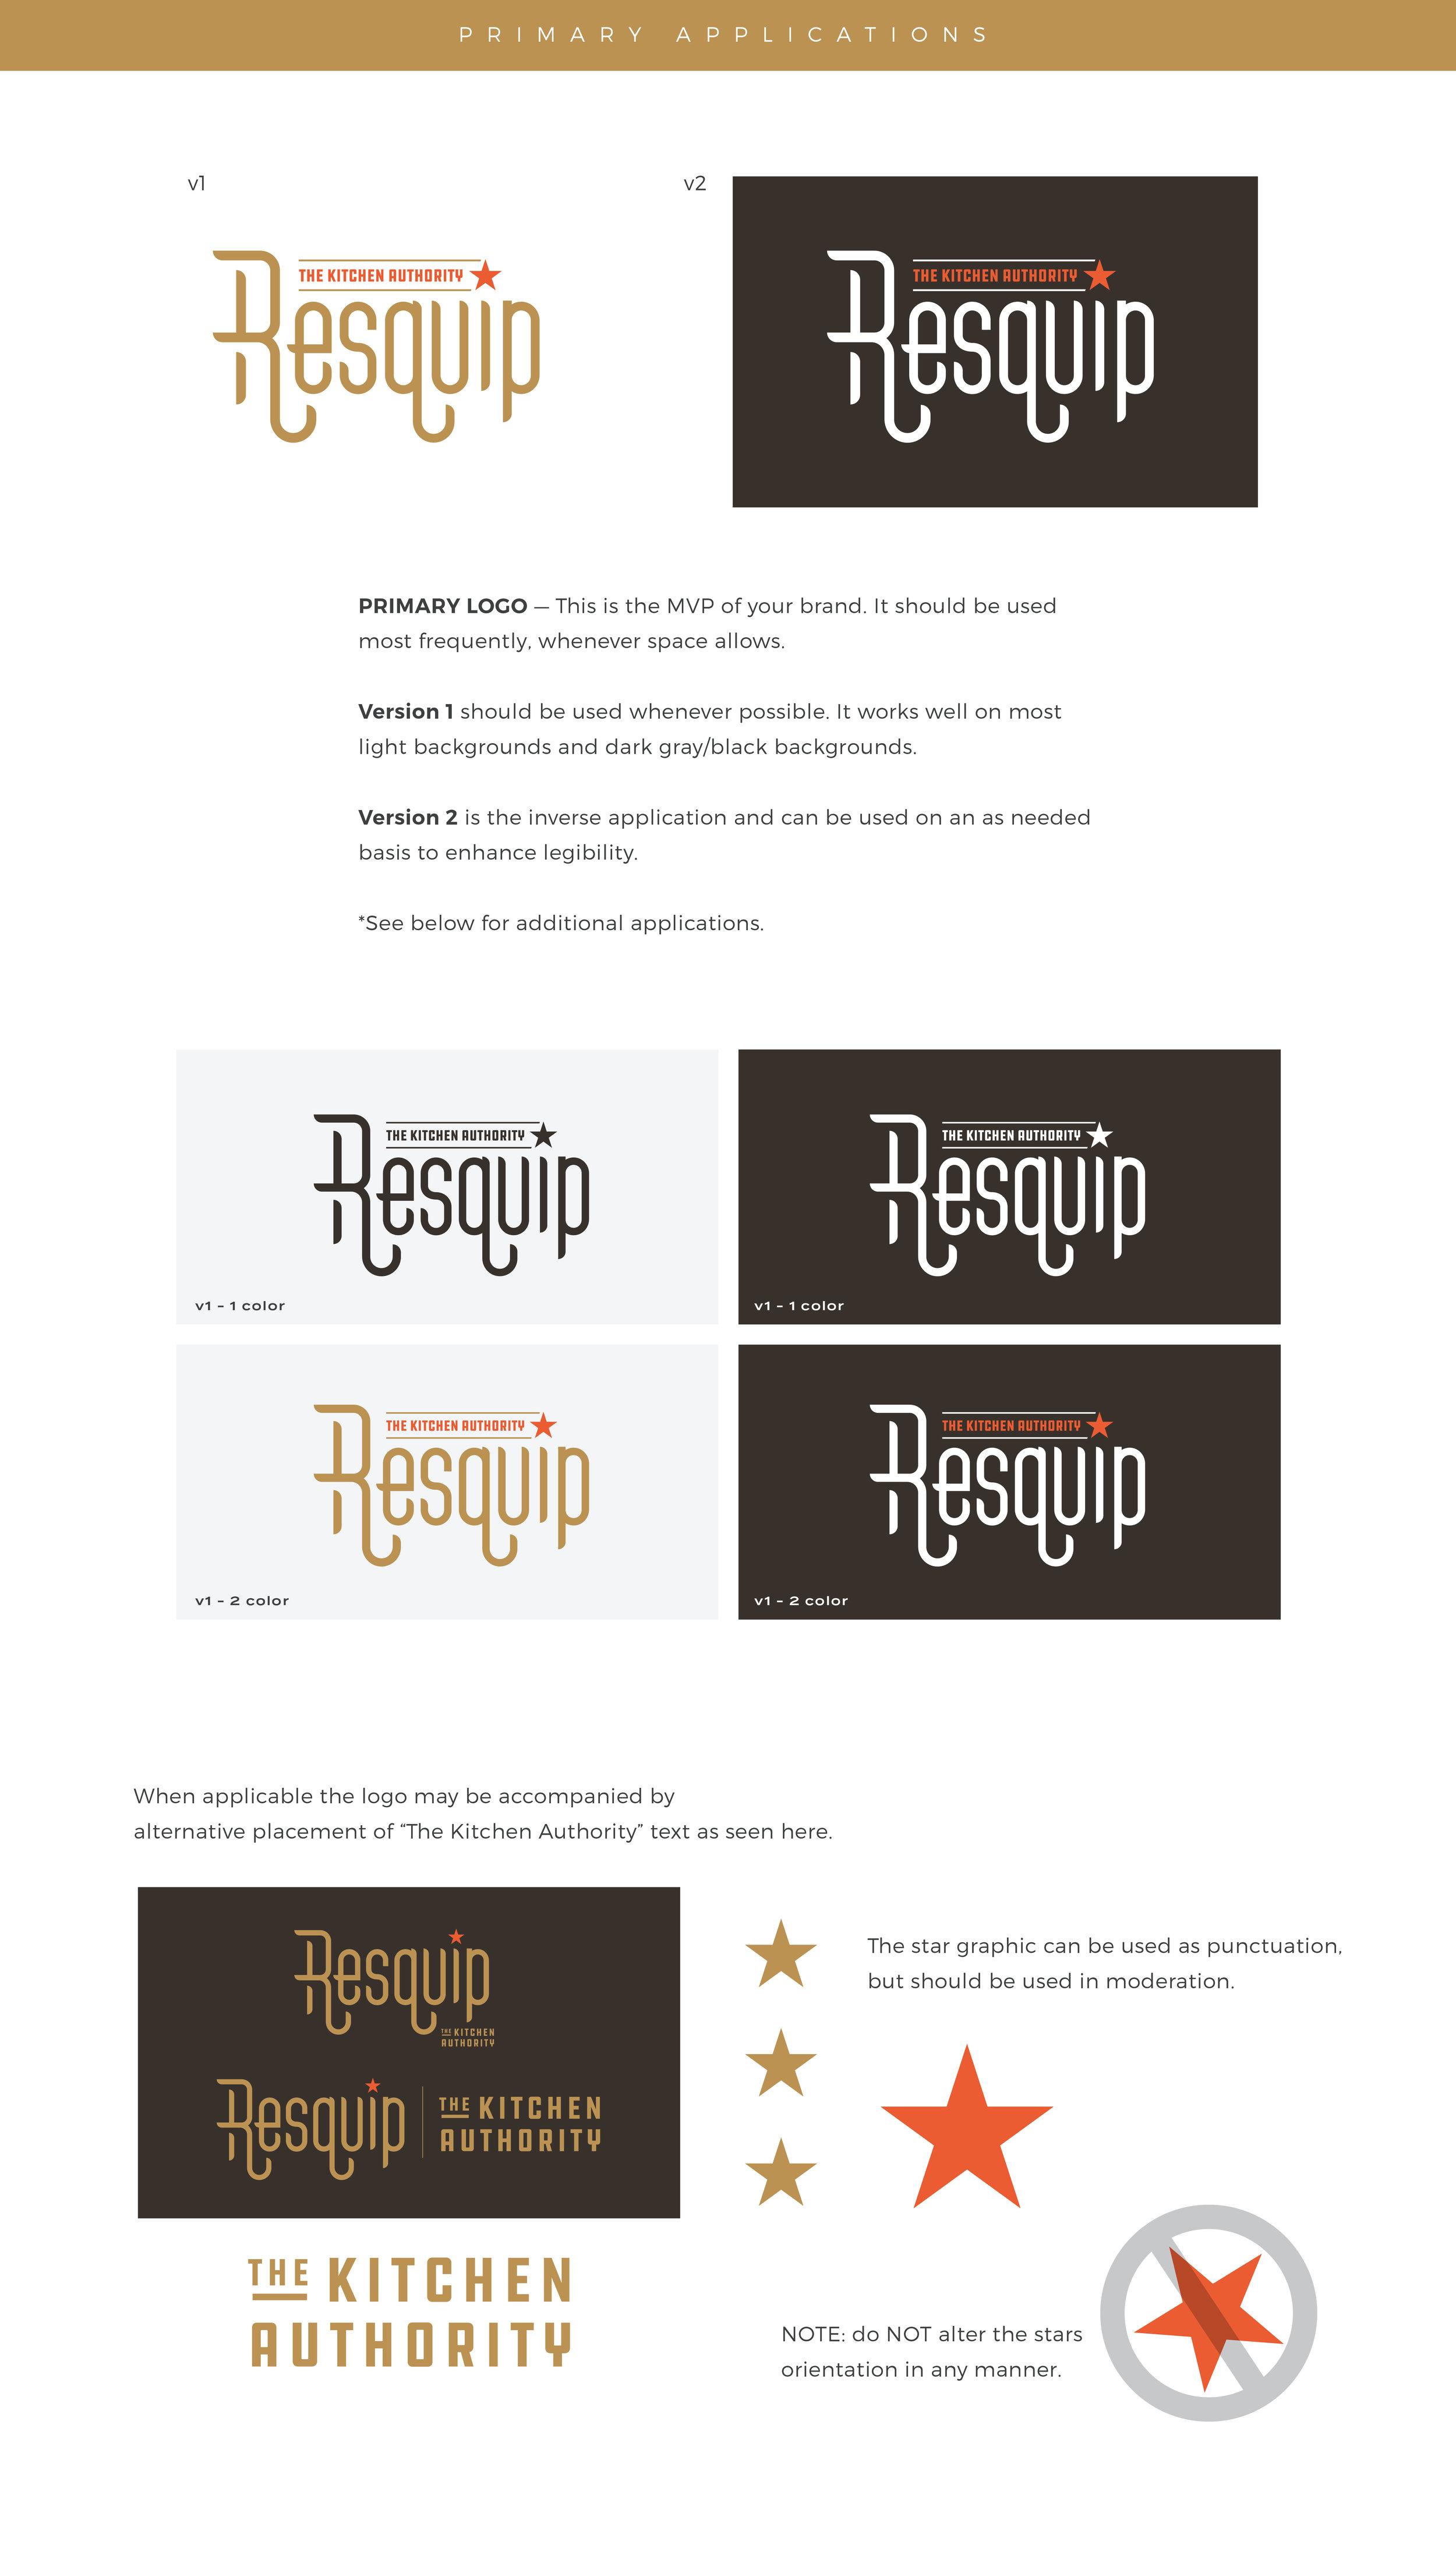 Resquip_Style_Guide_4_12_18v1-1_02.jpg